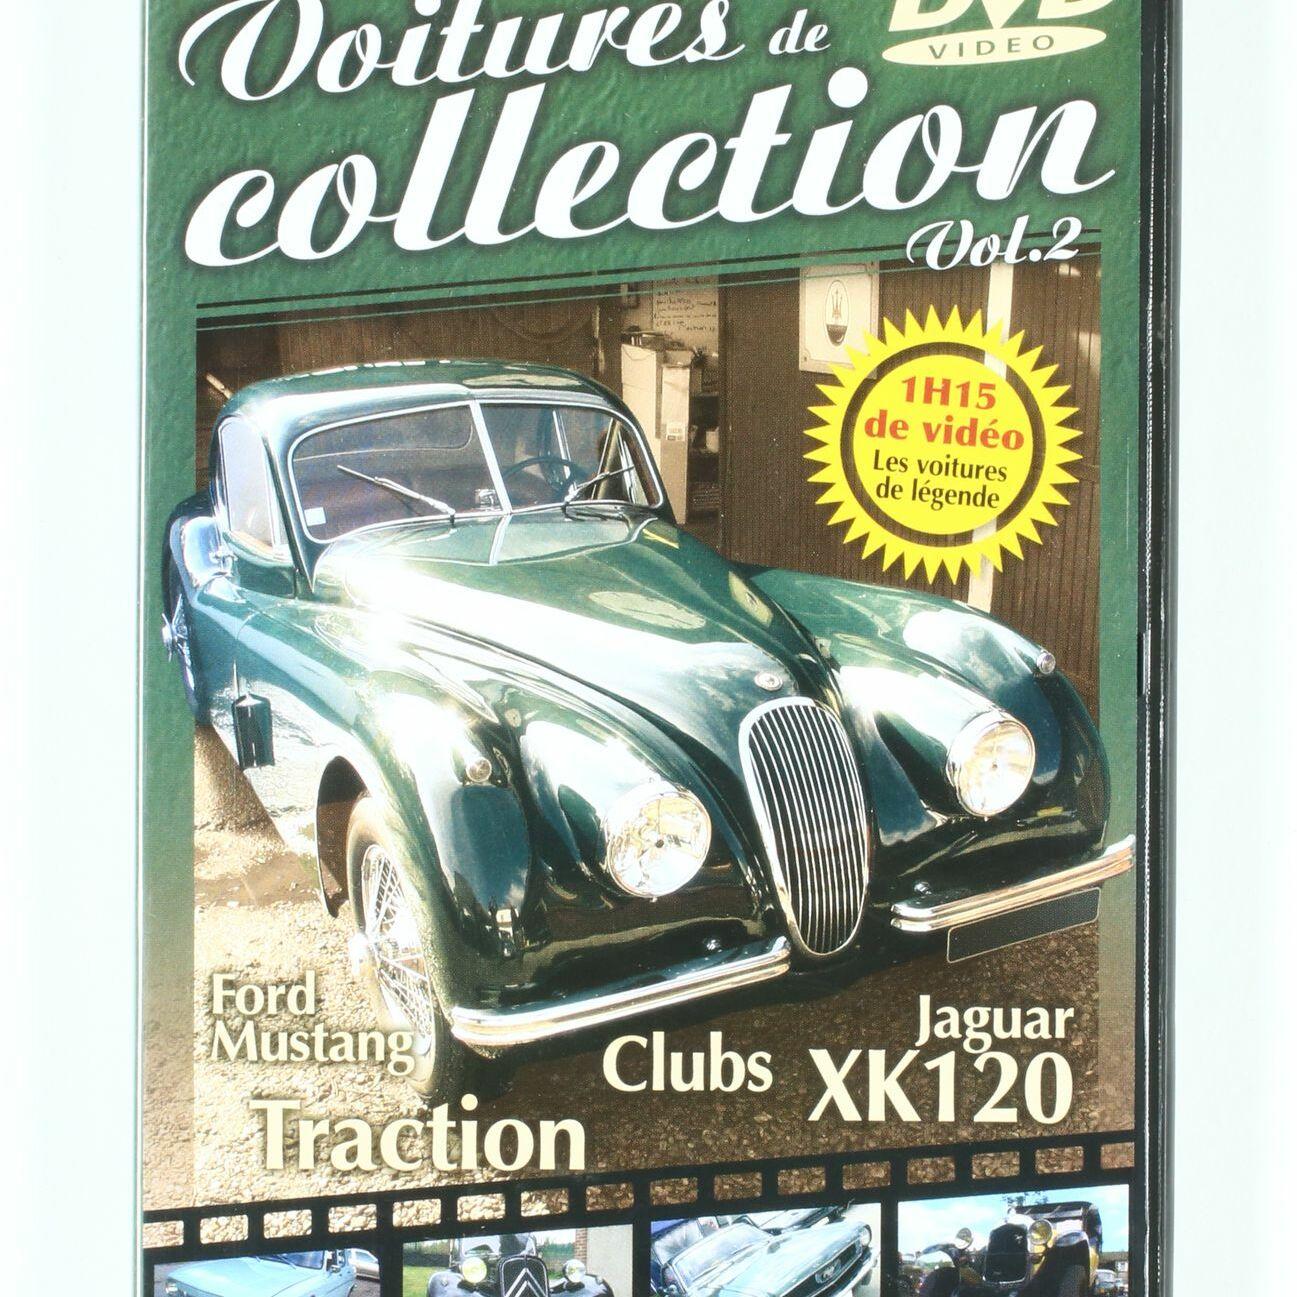 DVD Voitures de collection, Vol2